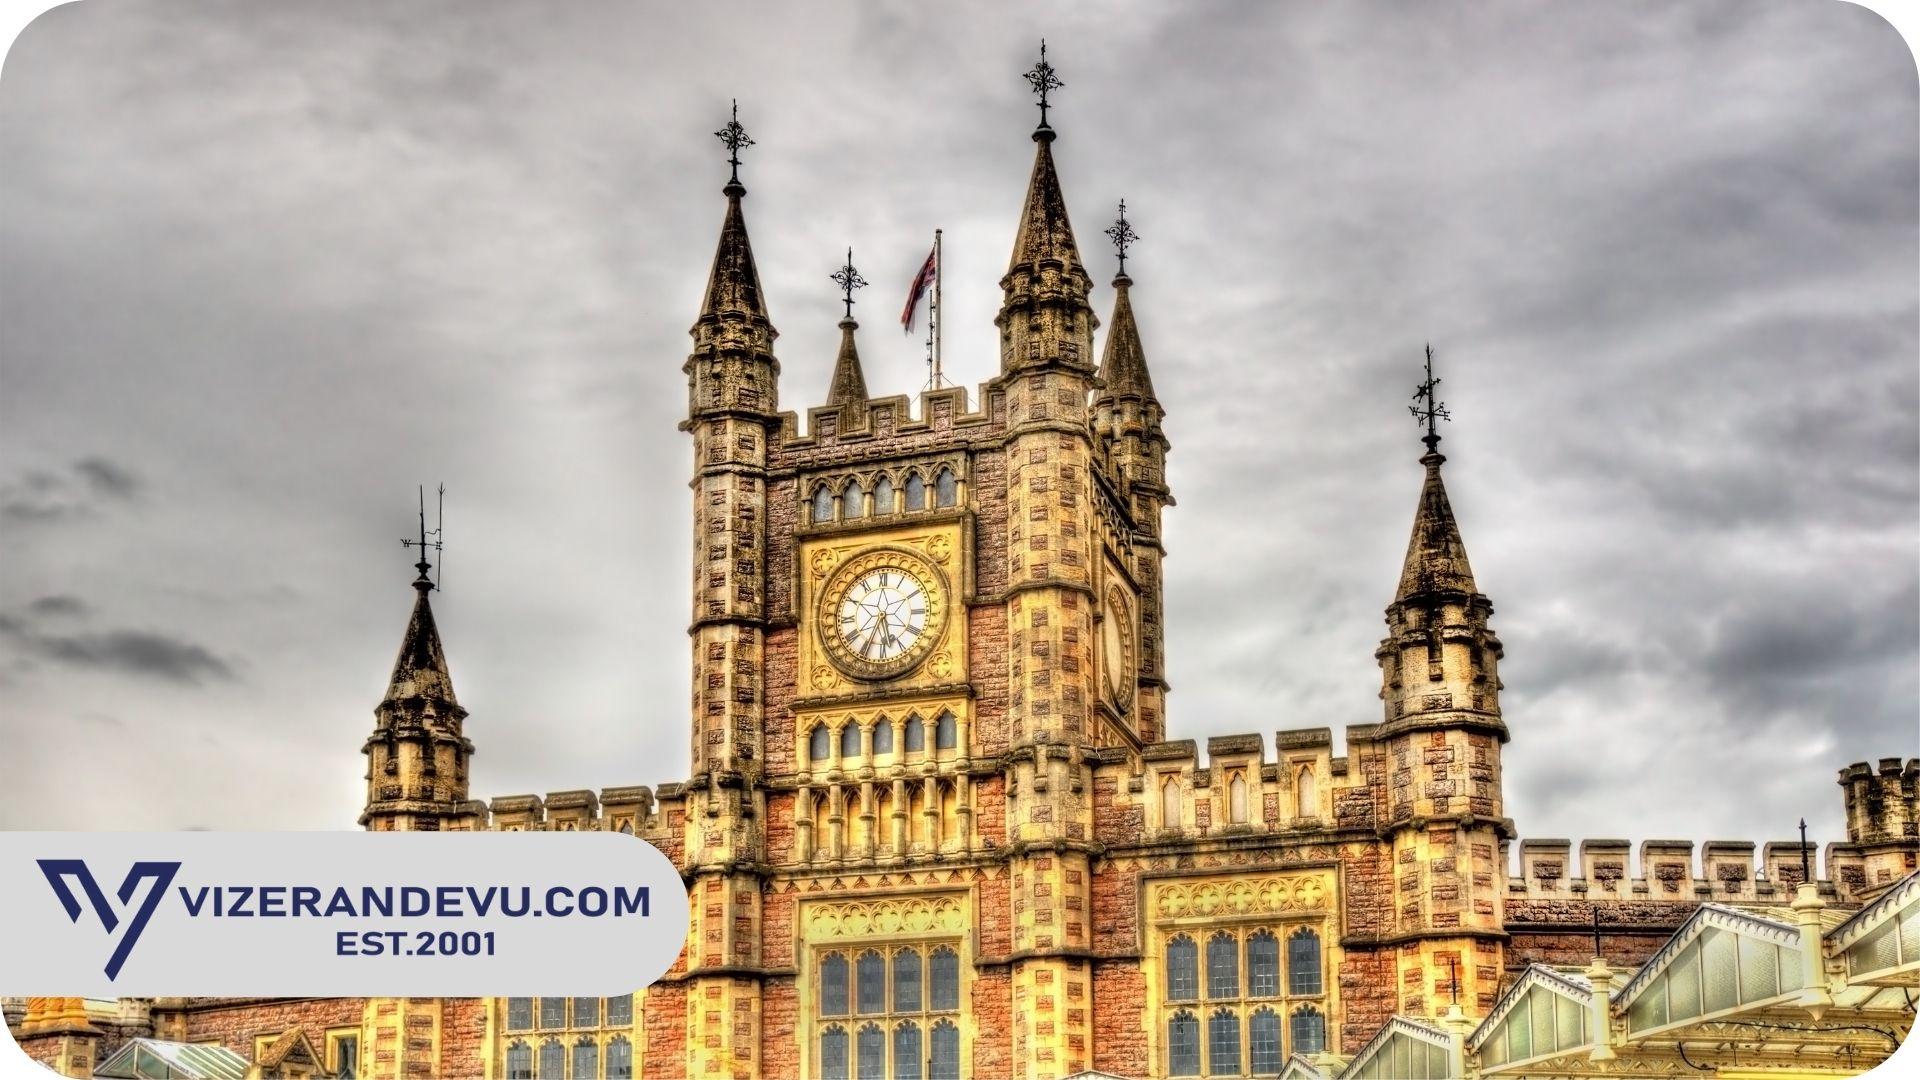 İngiltere Vizesi- Türler ve Bilgiler